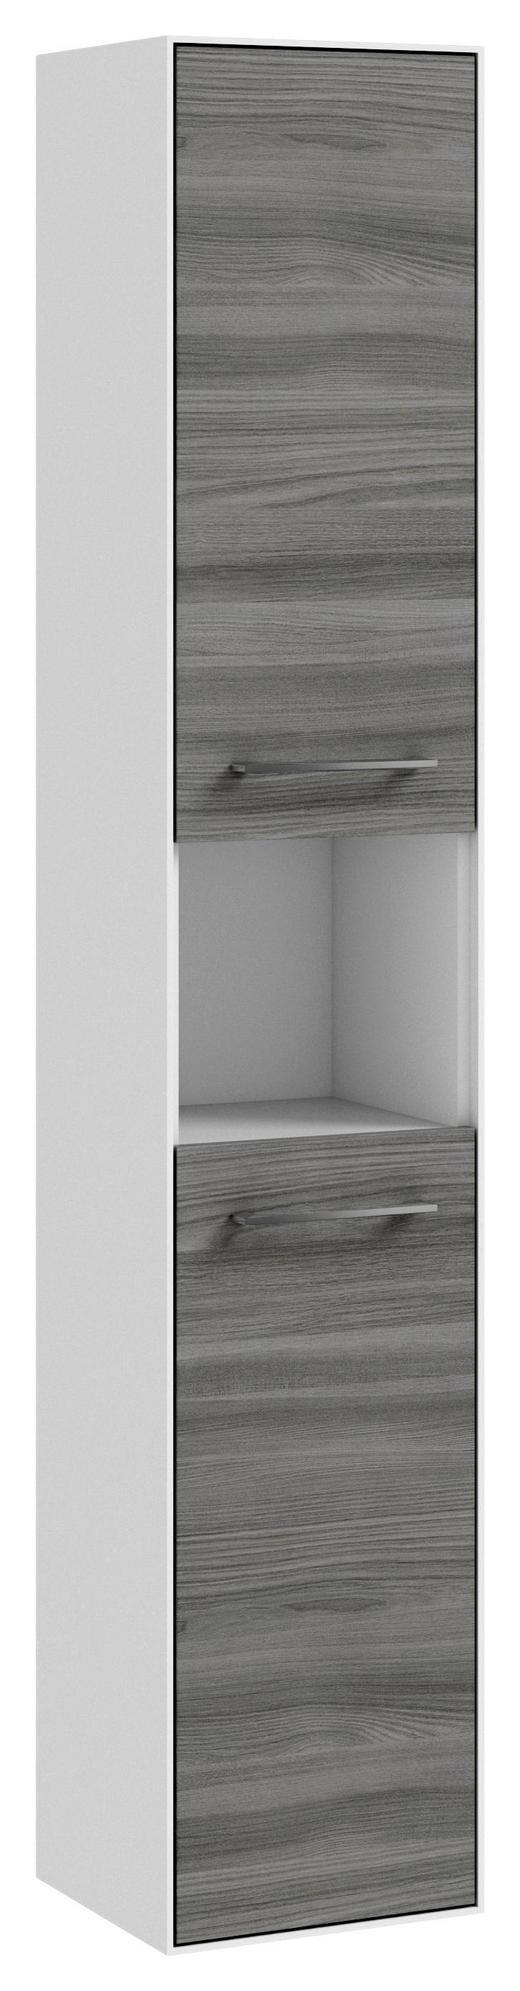 HOCHSCHRANK Grau - Chromfarben/Weiß, KONVENTIONELL, Glas/Holzwerkstoff (30,4/166,8/32,5cm) - Carryhome